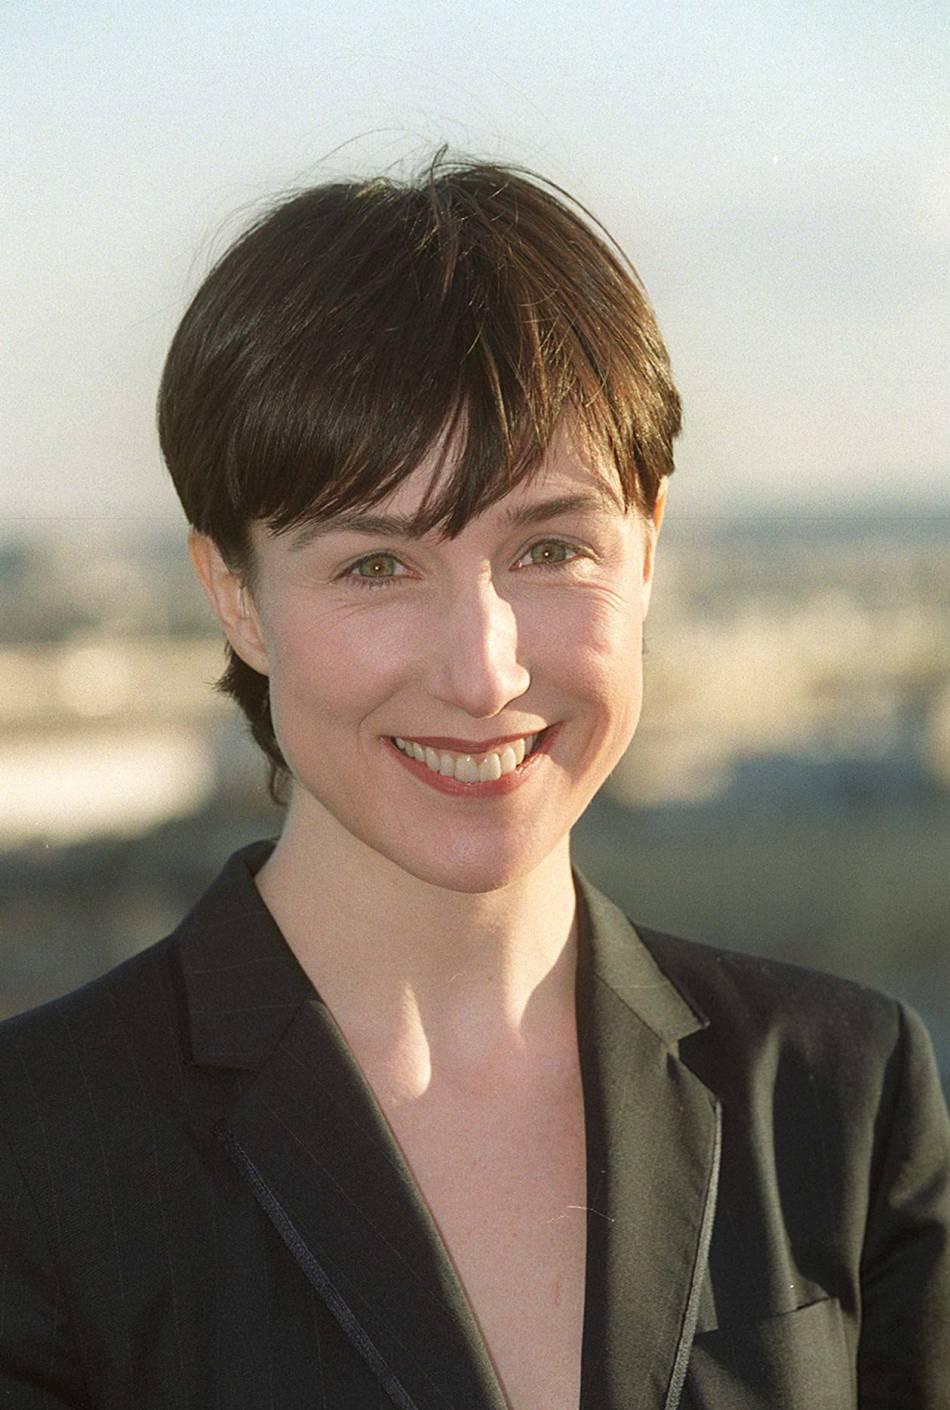 Elsa Zylberstein en 2001, lorsqu'elle a coupé ses cheveux courts.